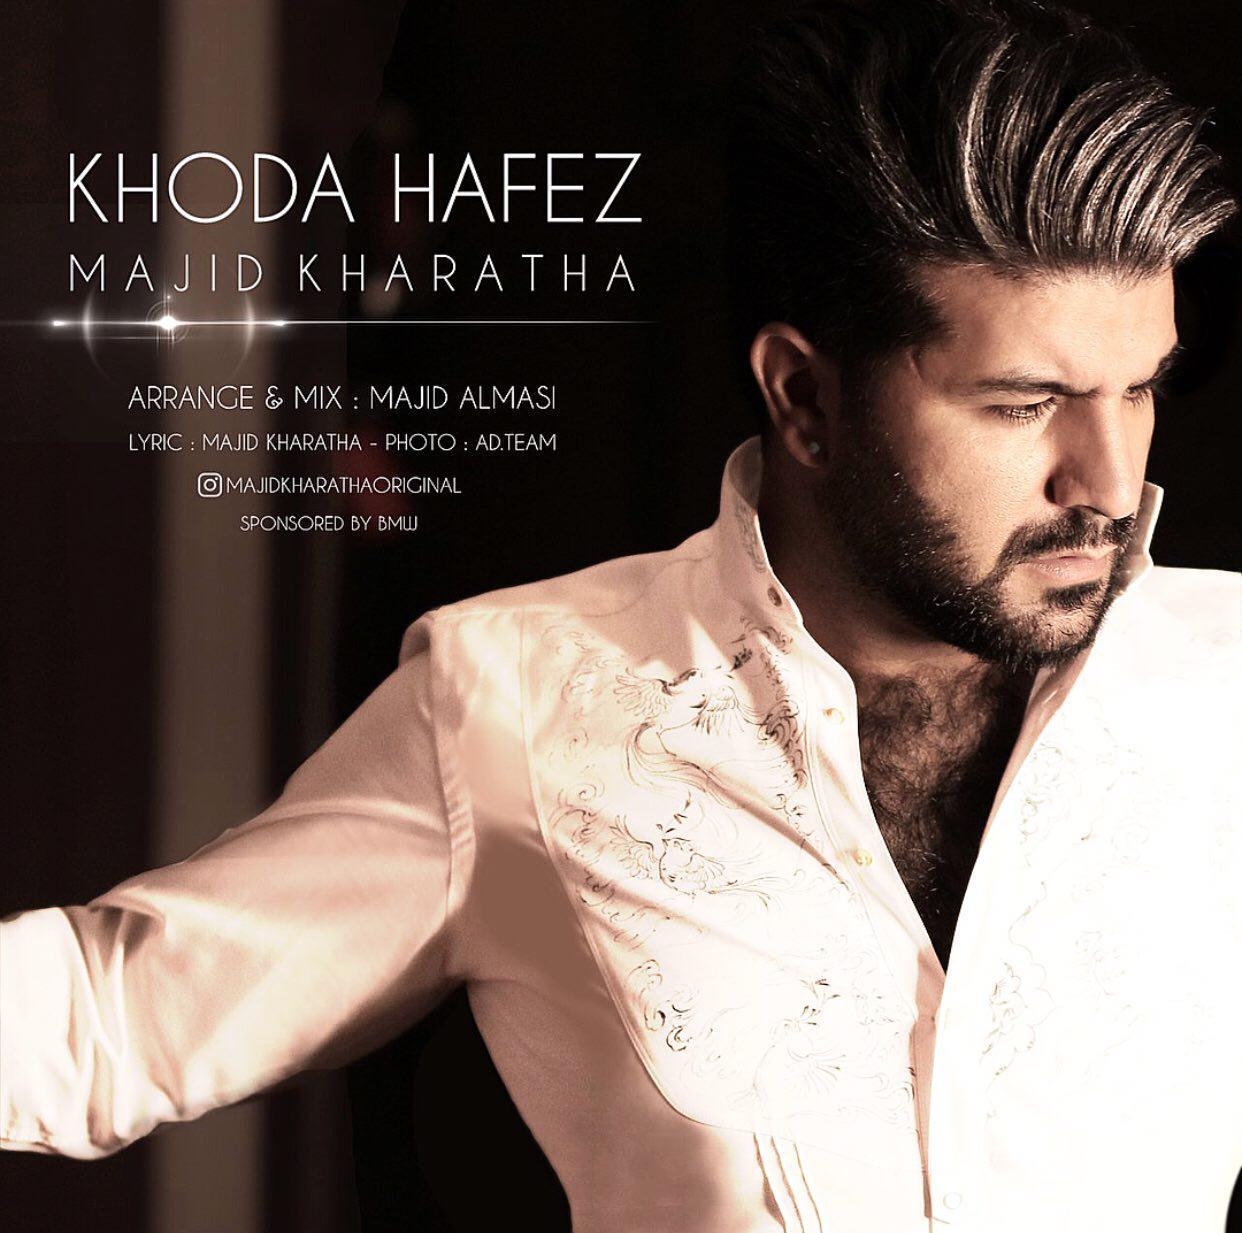 Majid Kharatha – Khodahafez